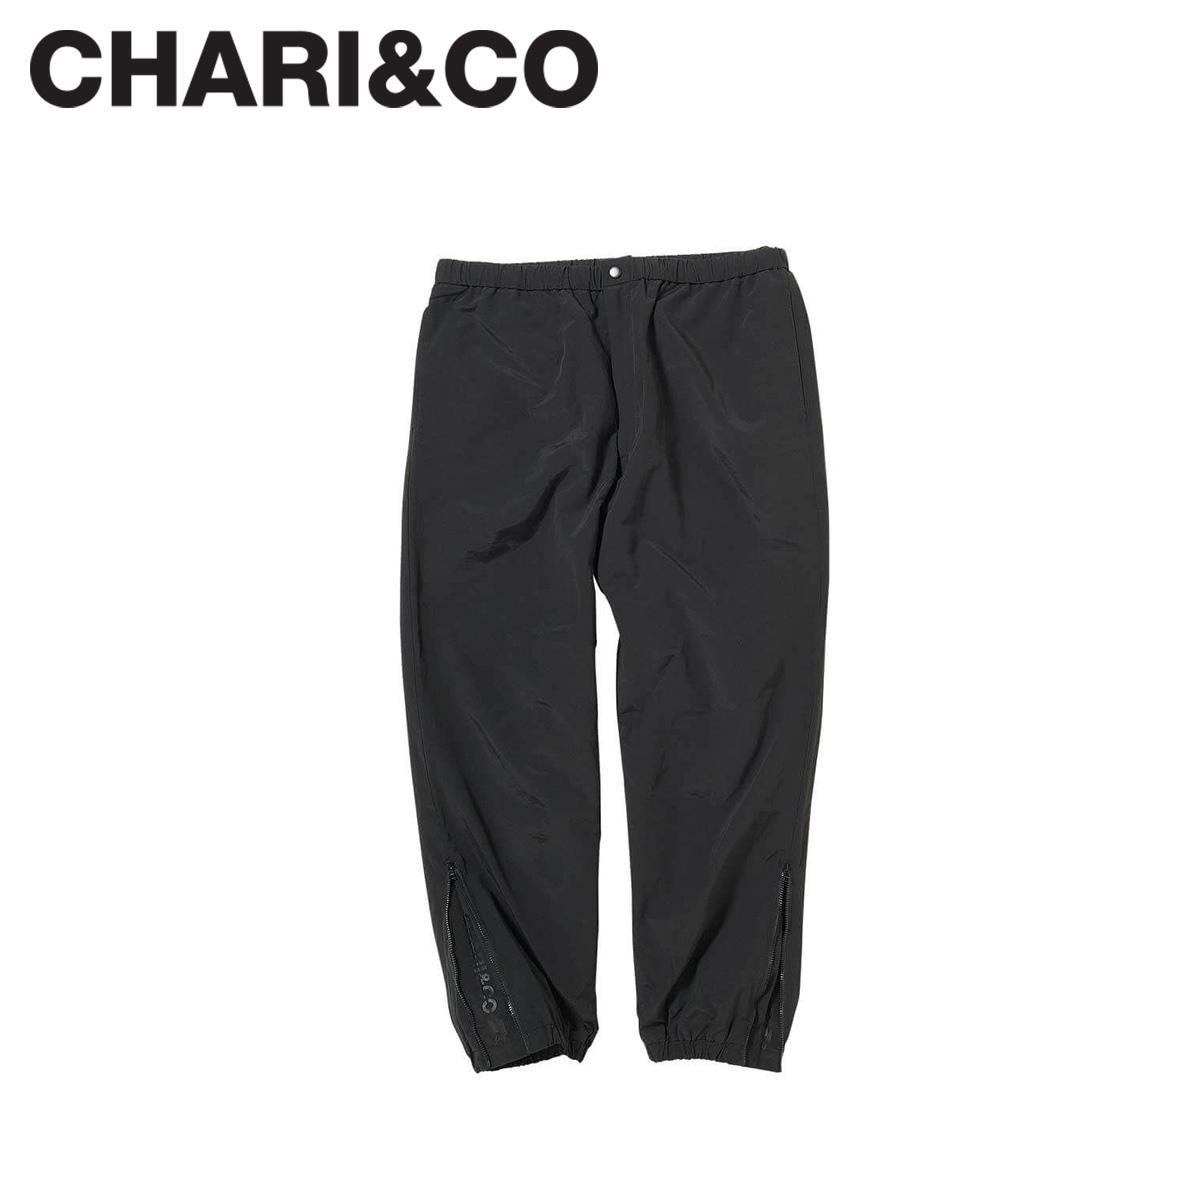 【最大2000円OFFクーポン】 CHARI&CO チャリアンドコー パンツ イージーパンツ メンズ SHAOLIN PANTS ブラック 黒